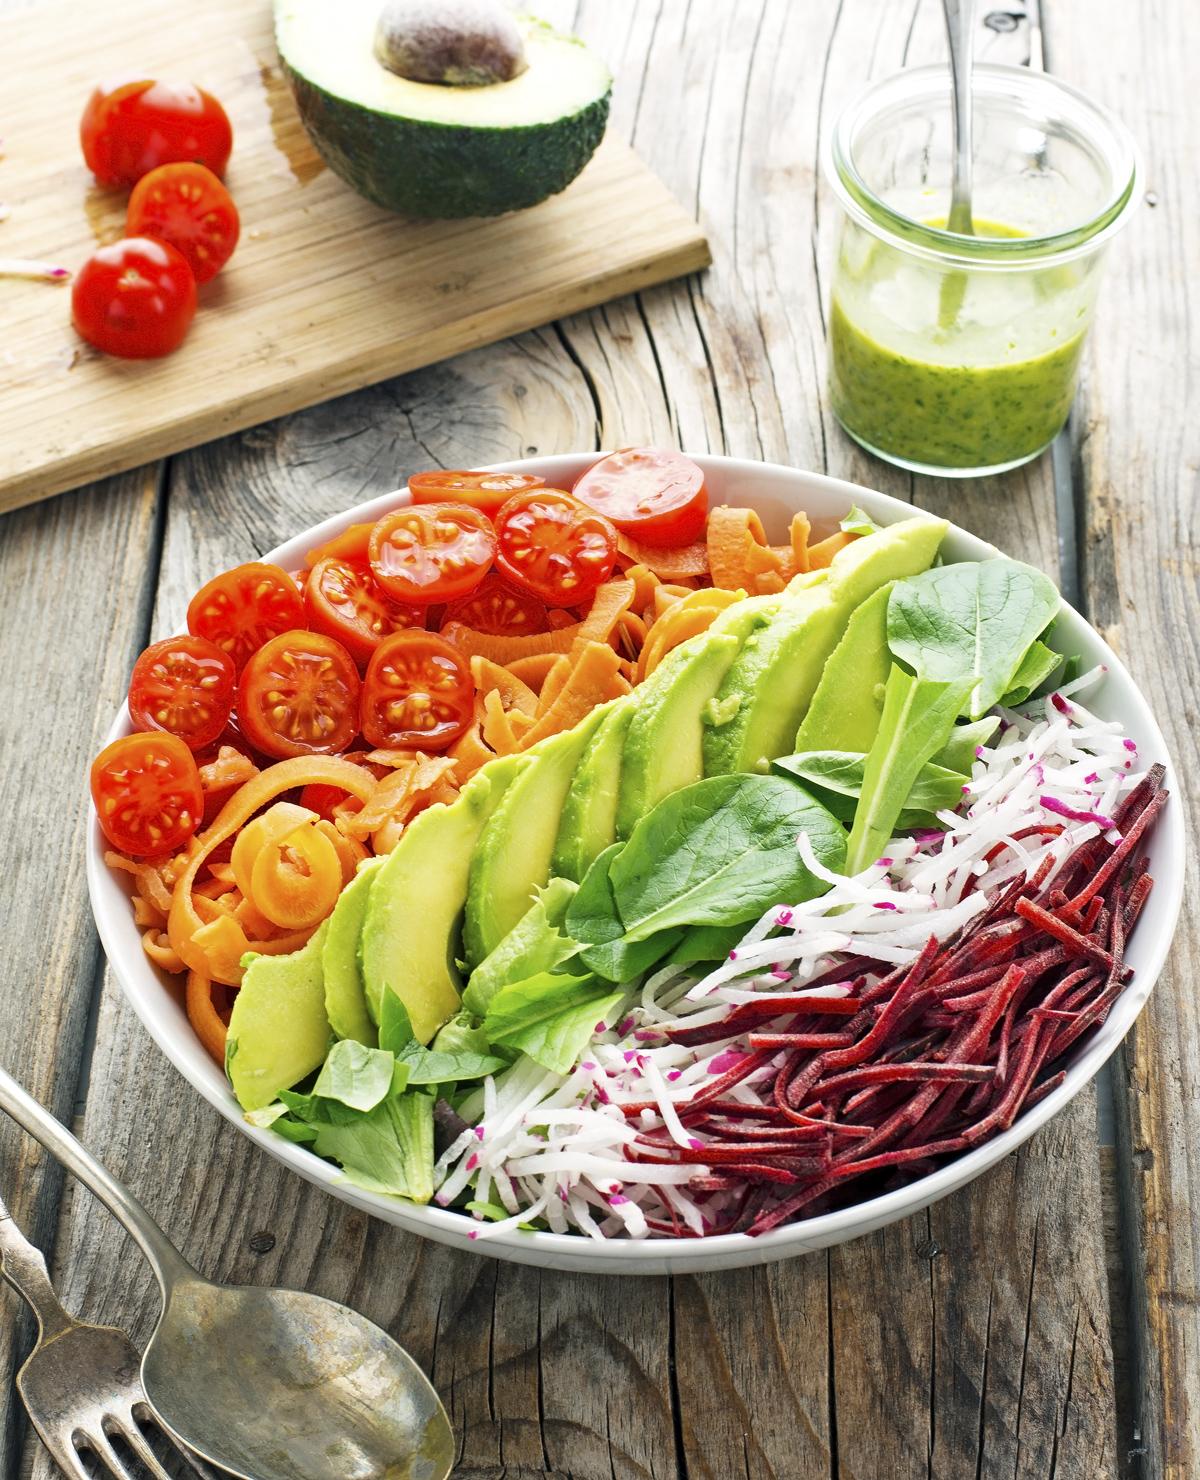 Rainbow Salad with Parsley Lemon Vinaigrette